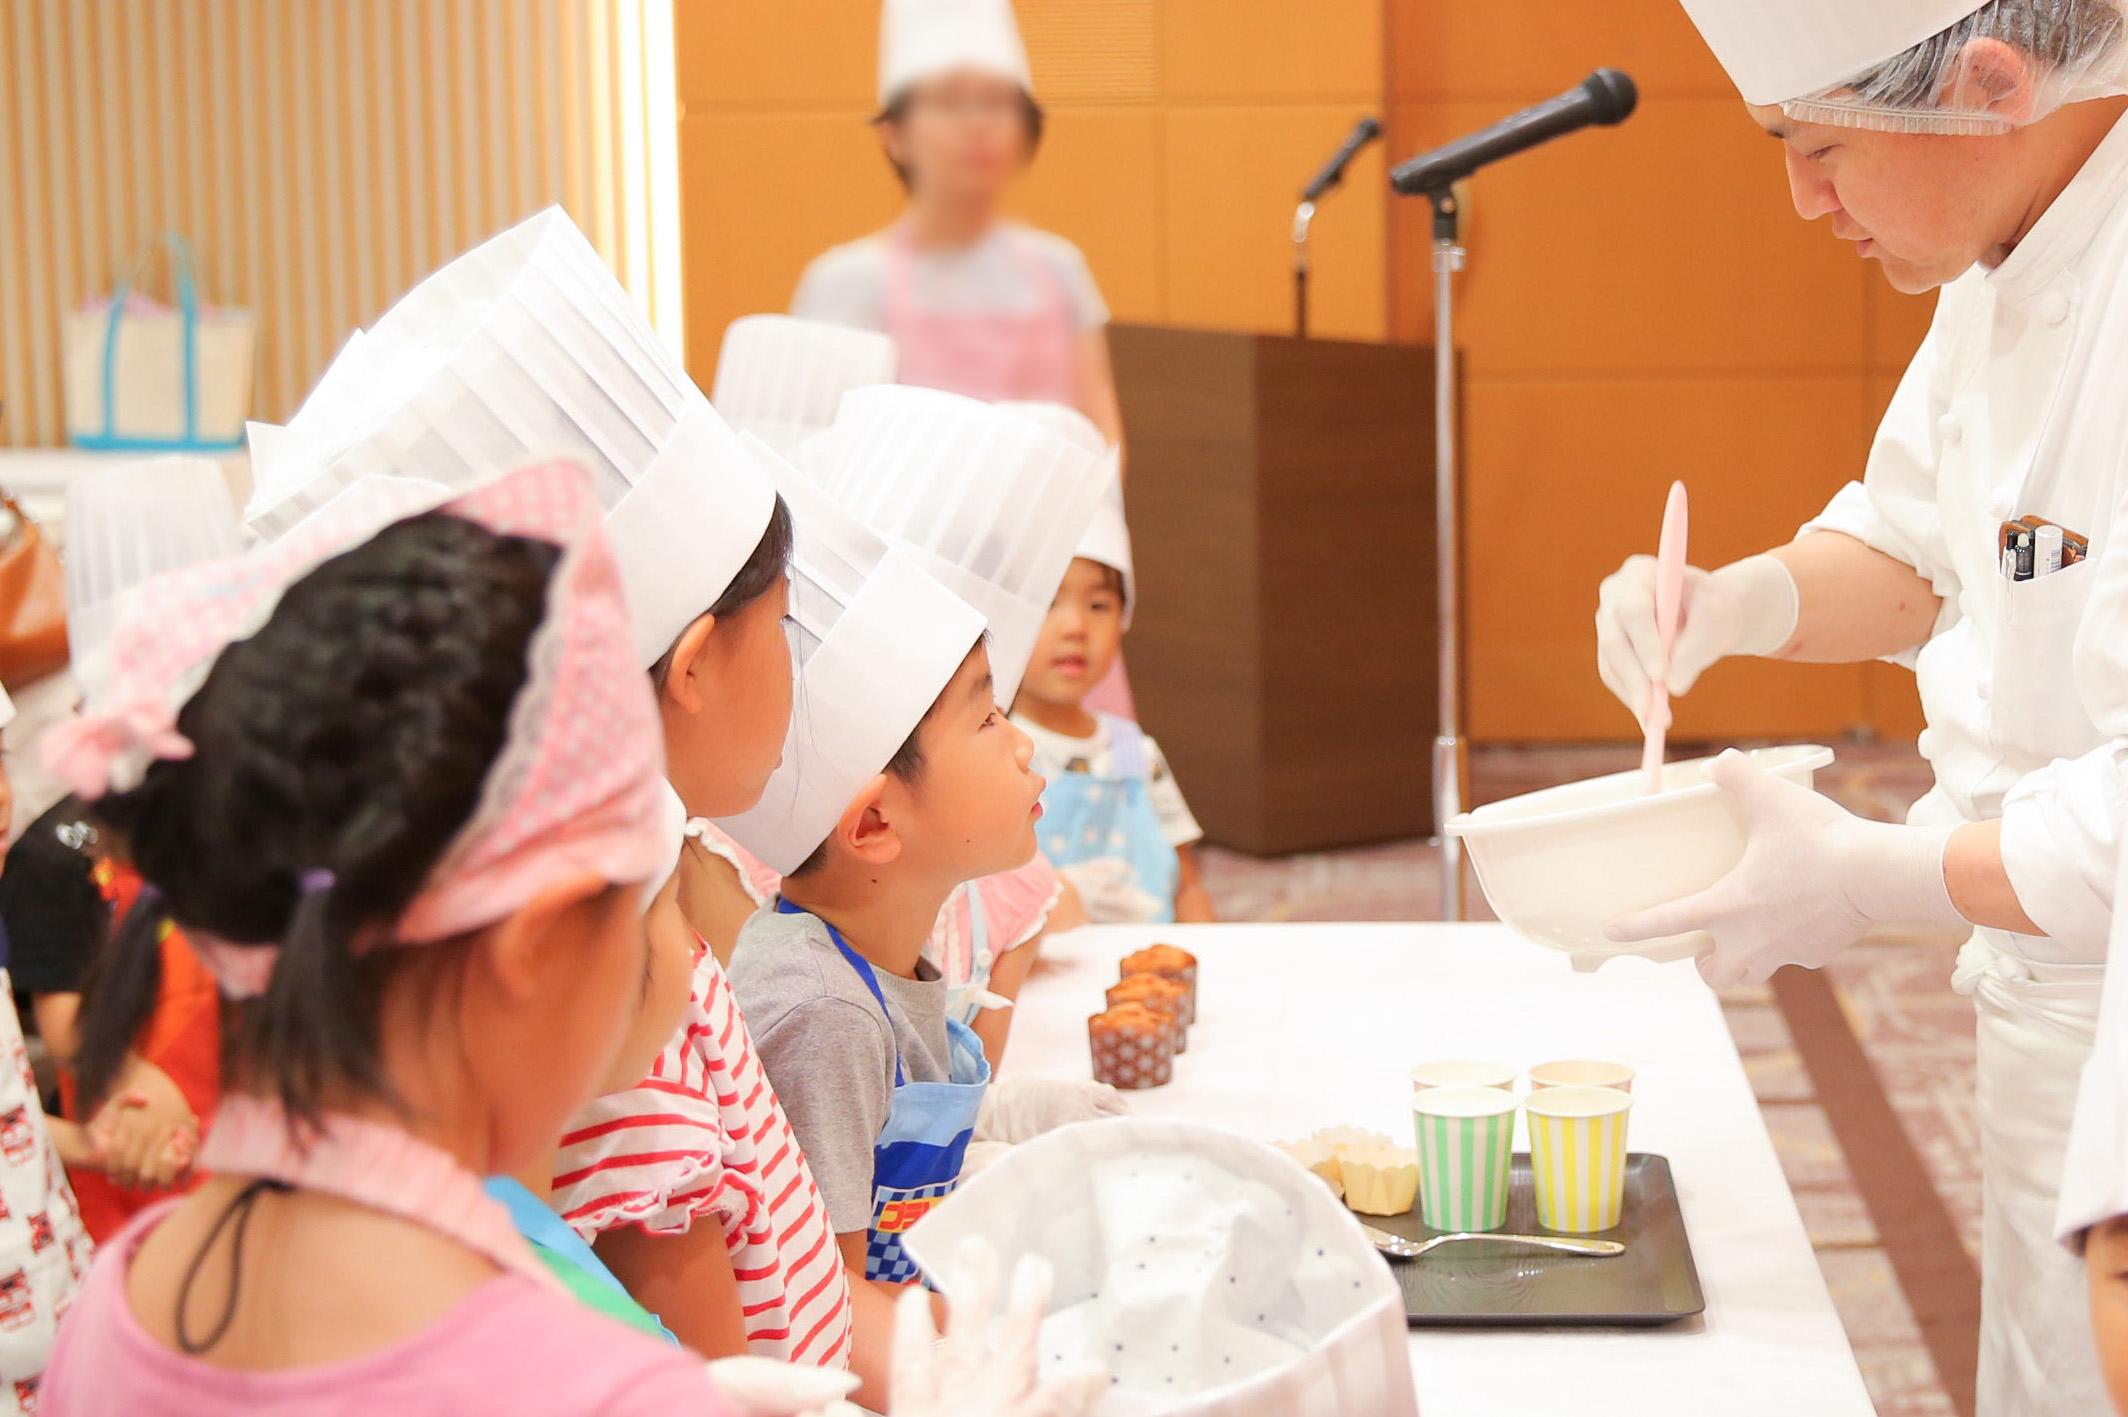 ホテル主催の地域交流イベントの開催